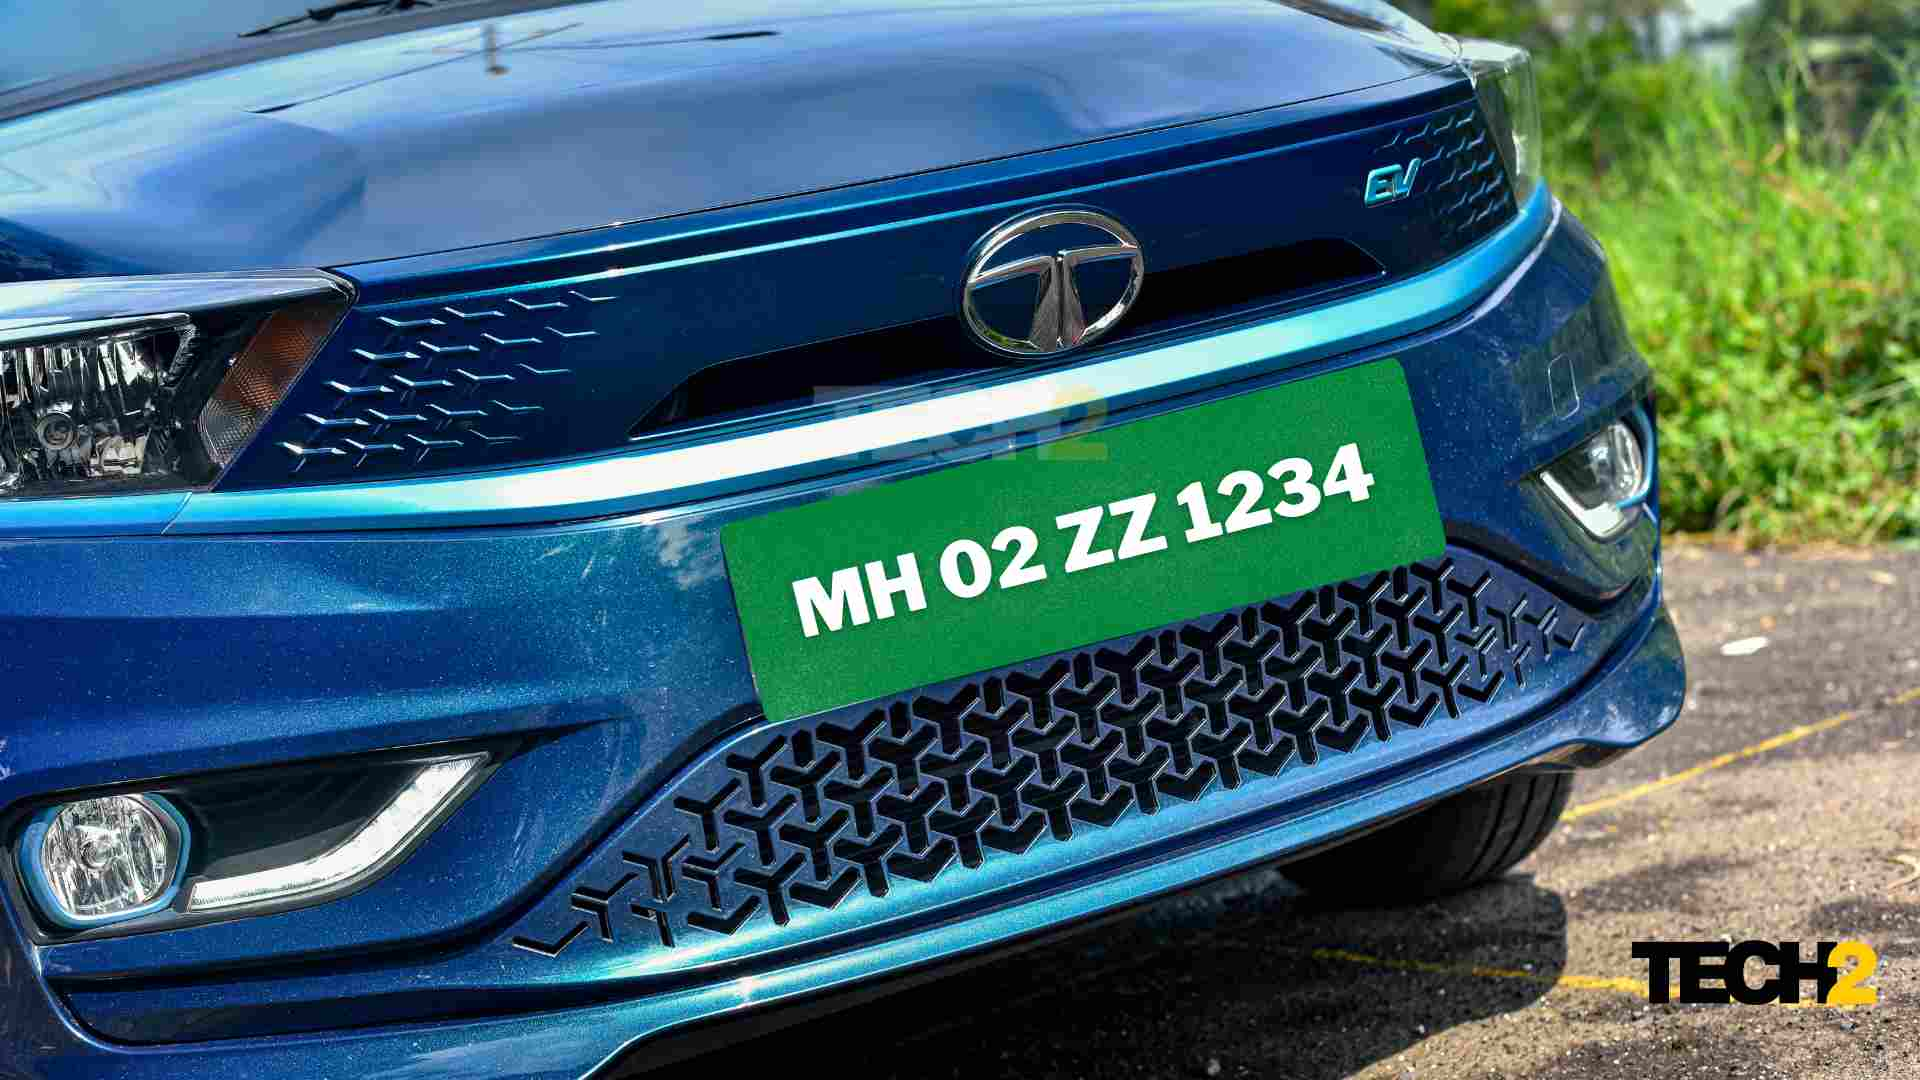 La política revisada de vehículos eléctricos de Maharashtra ayudará a que los precios de los vehículos eléctricos de Tata Motors lleguen a Rs 2.50 lakh.  Imagen: Tech2